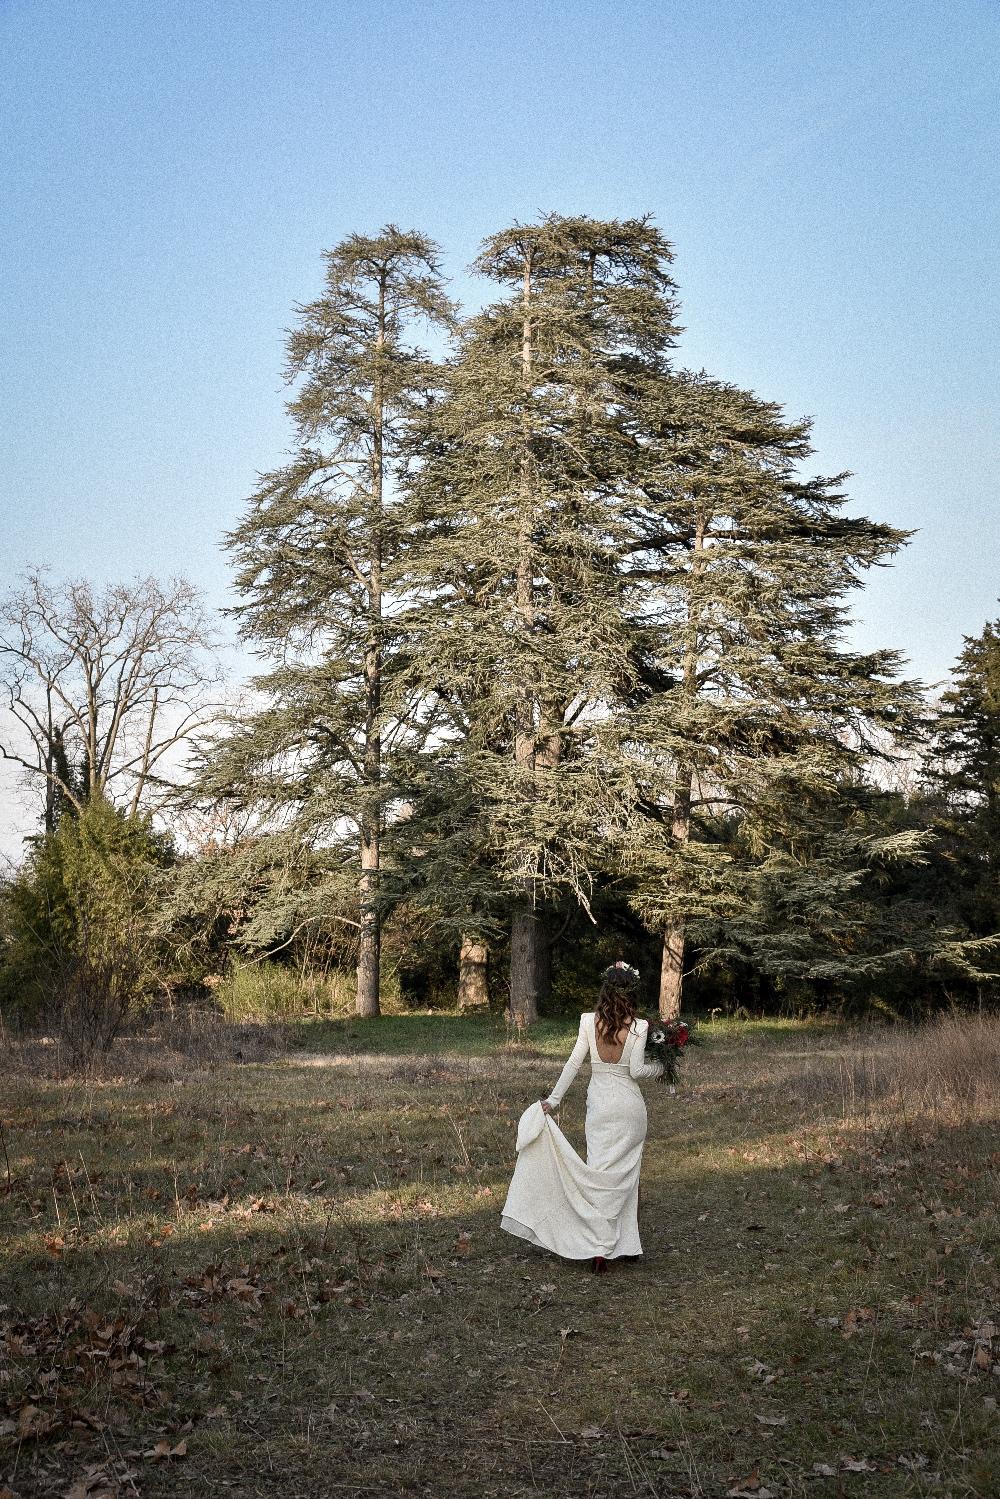 Shoot d'inspiration mariage Hivernal Photographe Anais Armand Petrier , robe modèle bonnie fluide manches longues , dentelle bas de manches avec une traîne